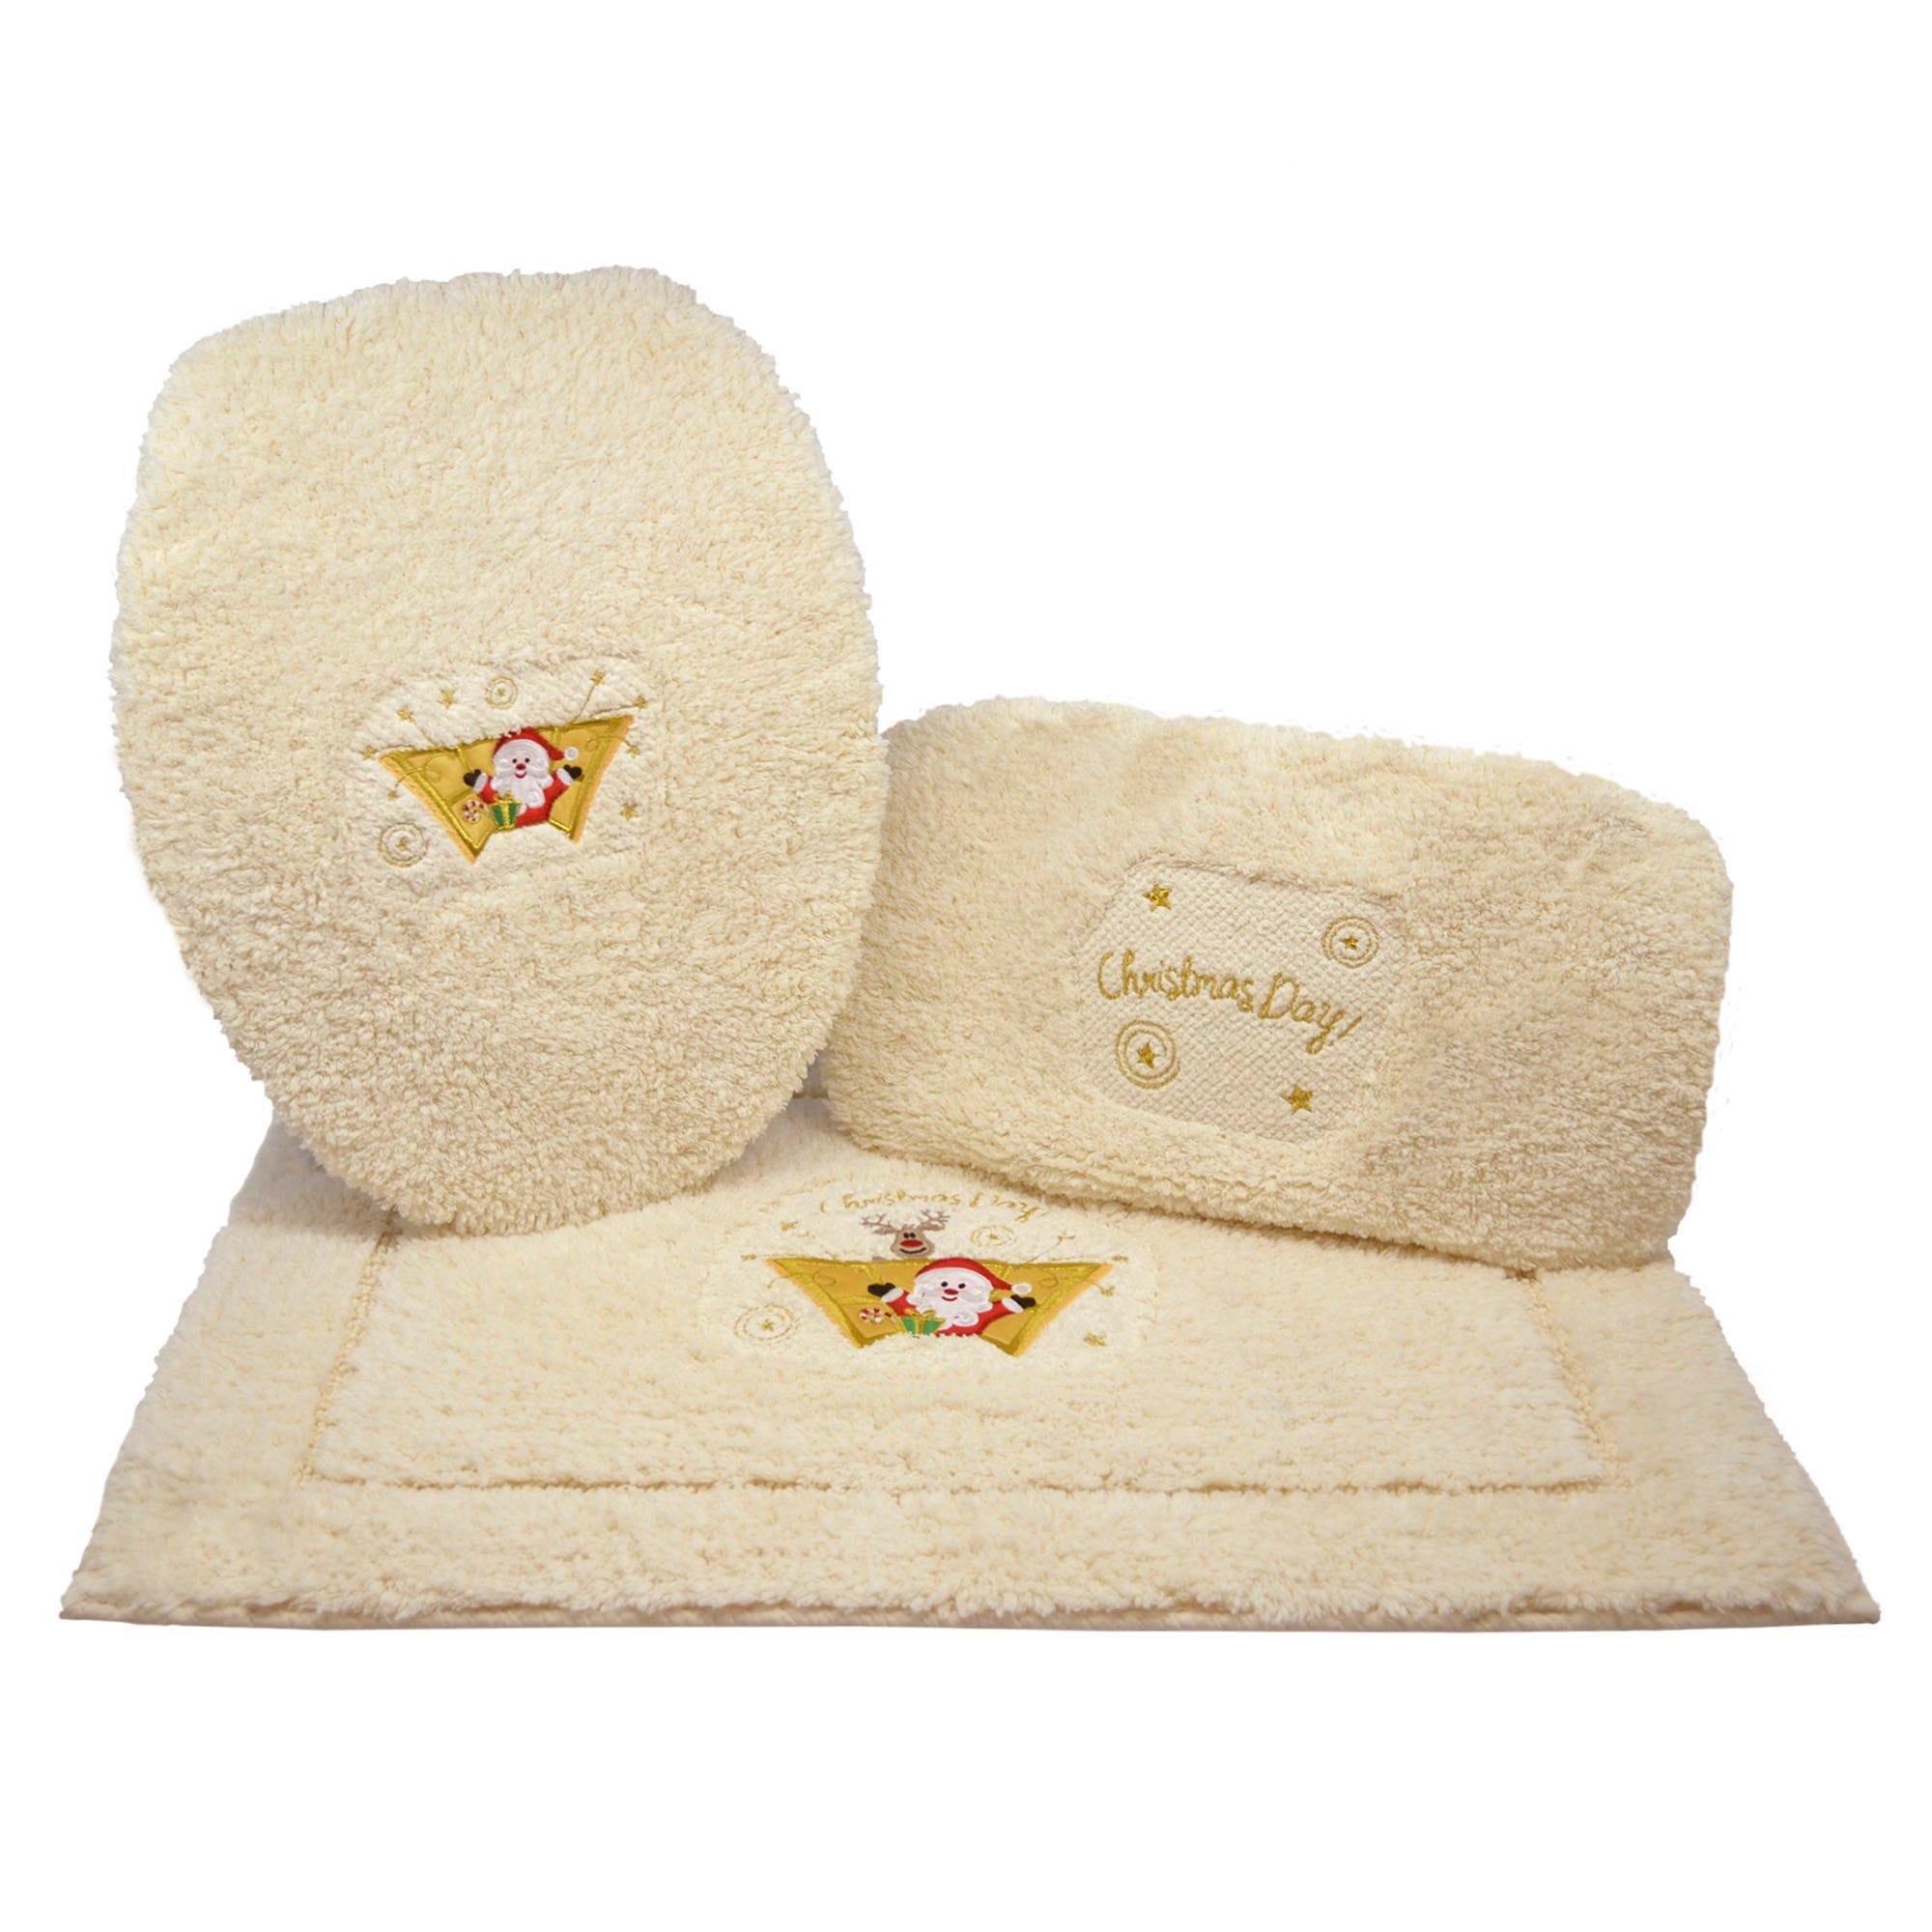 Juego de tapetes para baño Santa Day en beige, 3 piezas